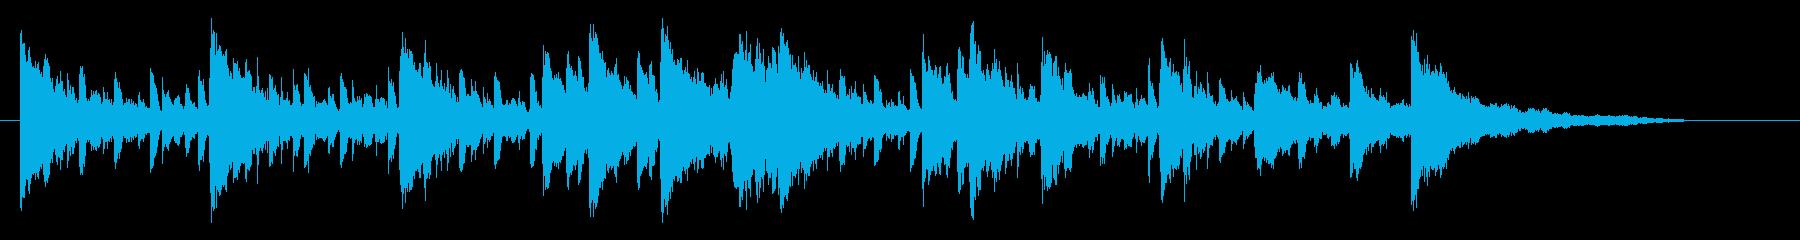 ピアノの音がオシャレな優しいジャズの再生済みの波形